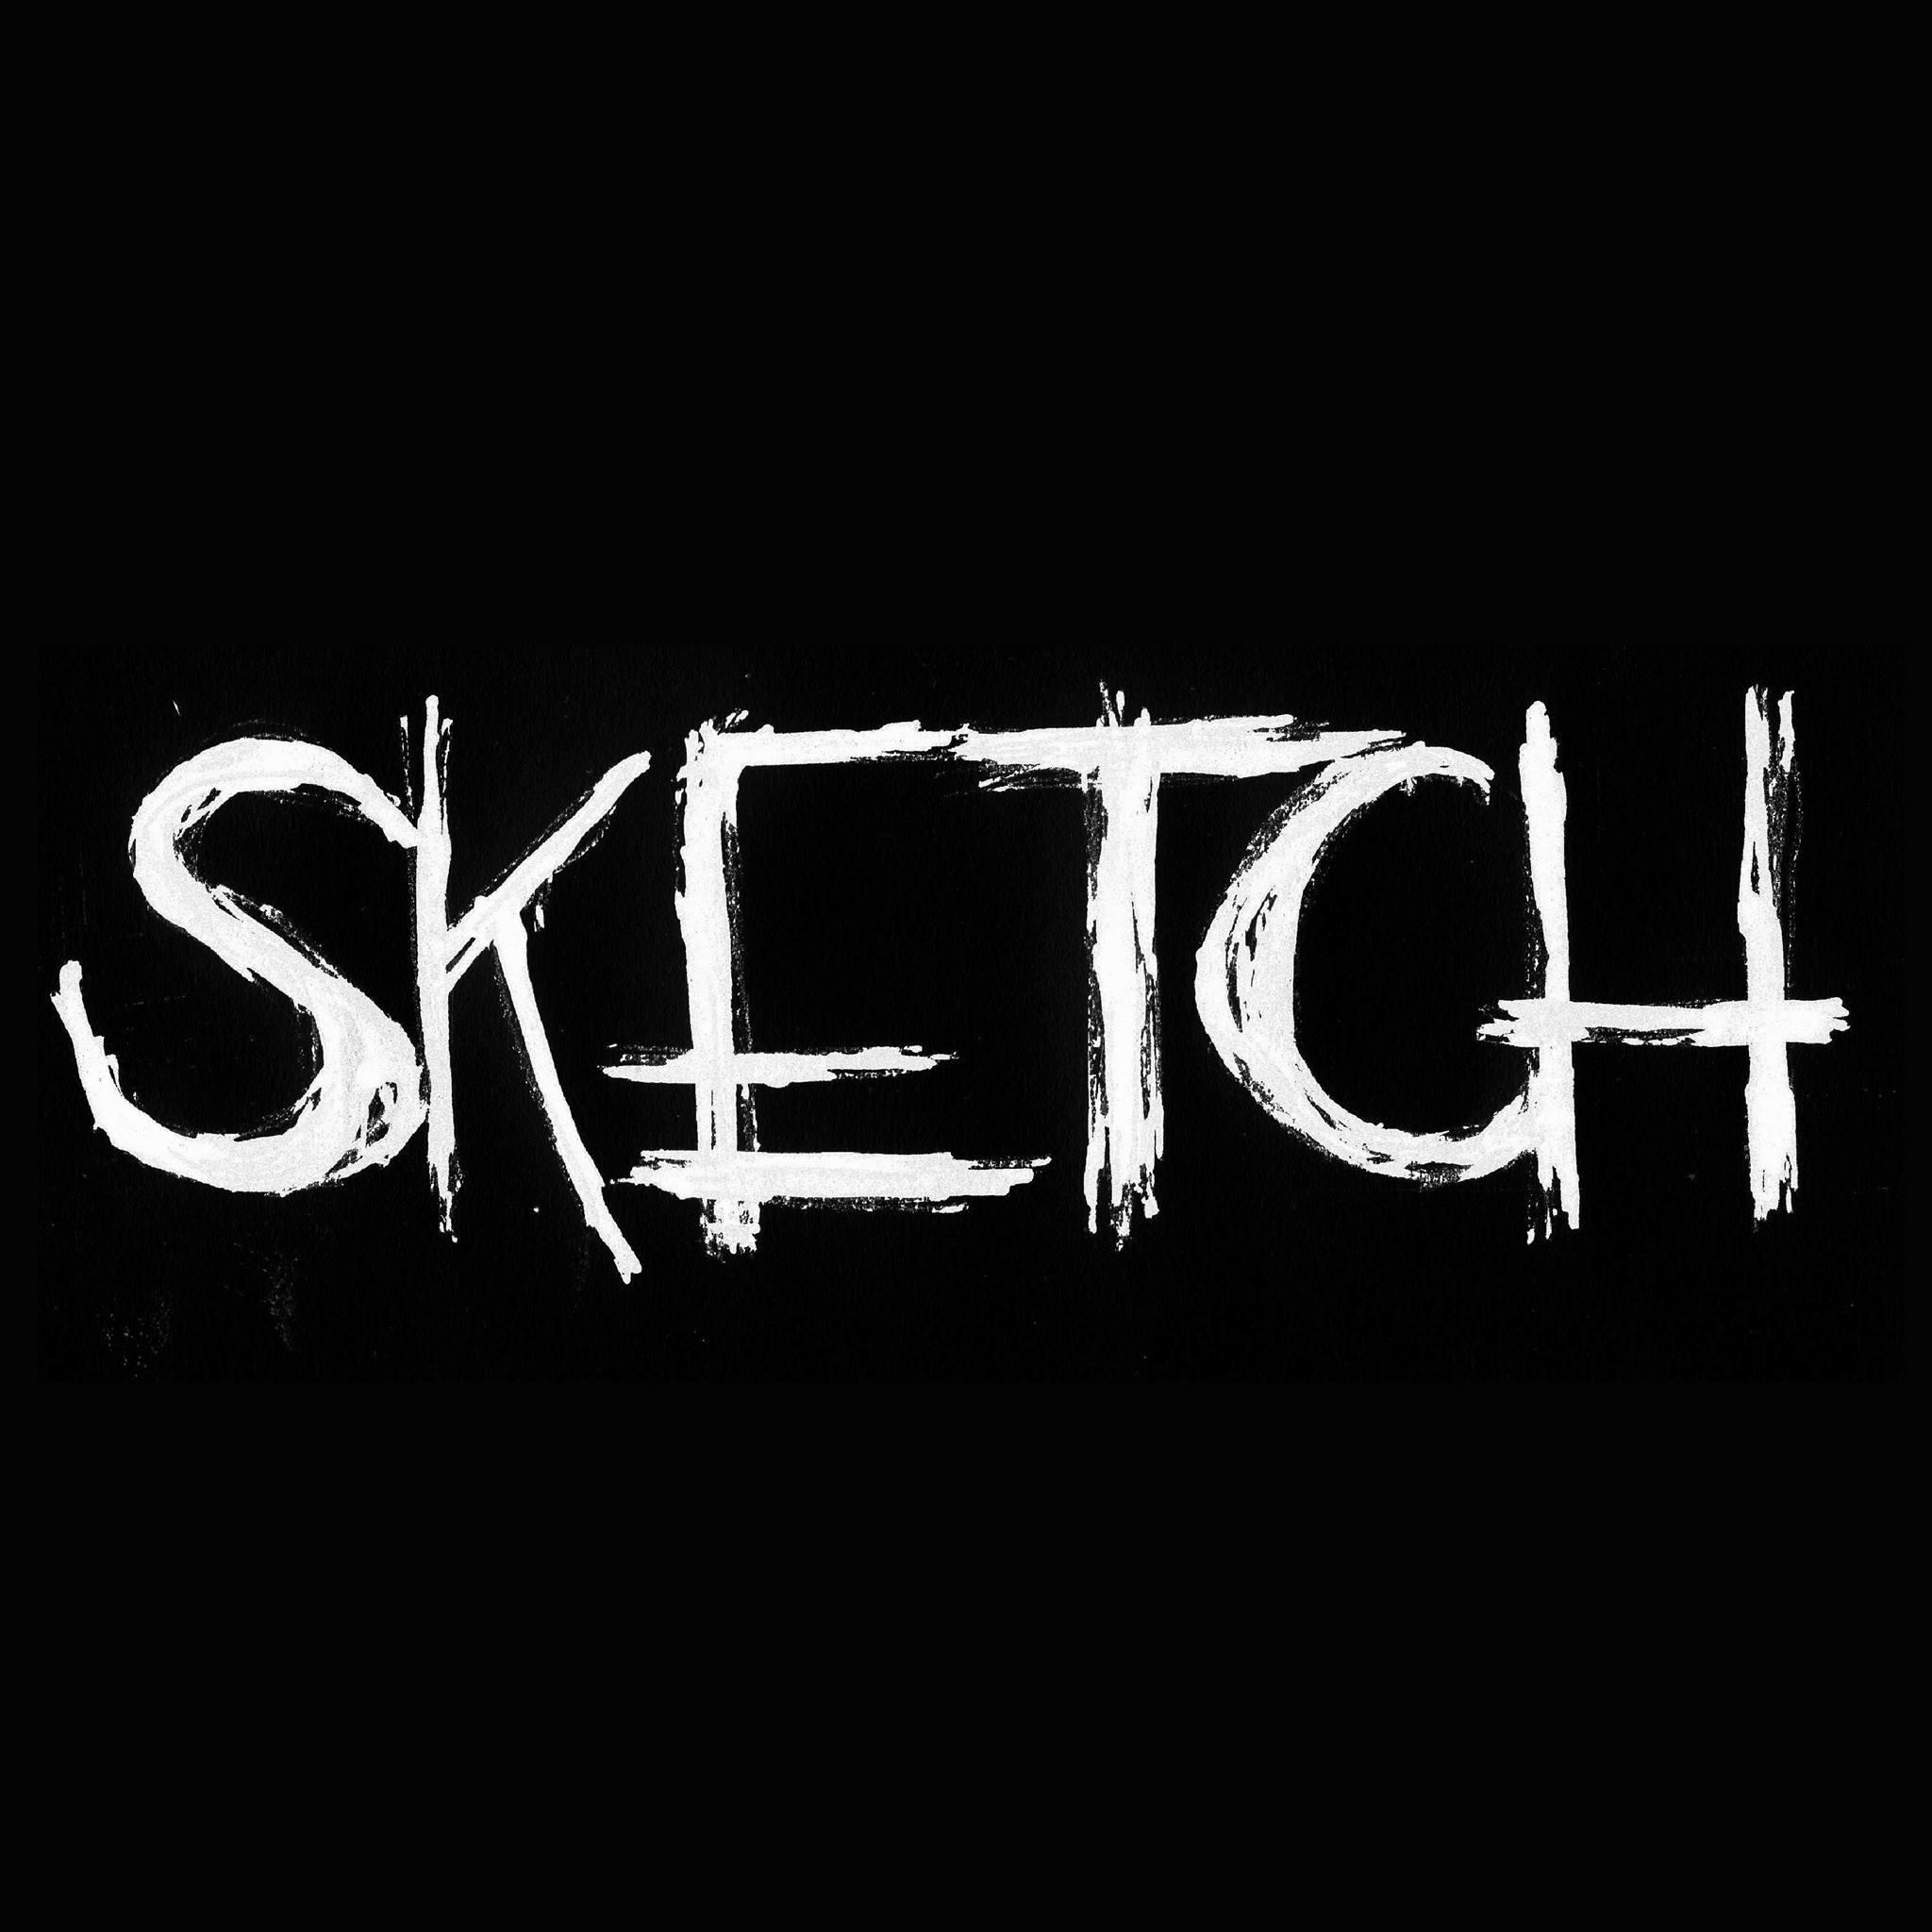 Skecth Album release